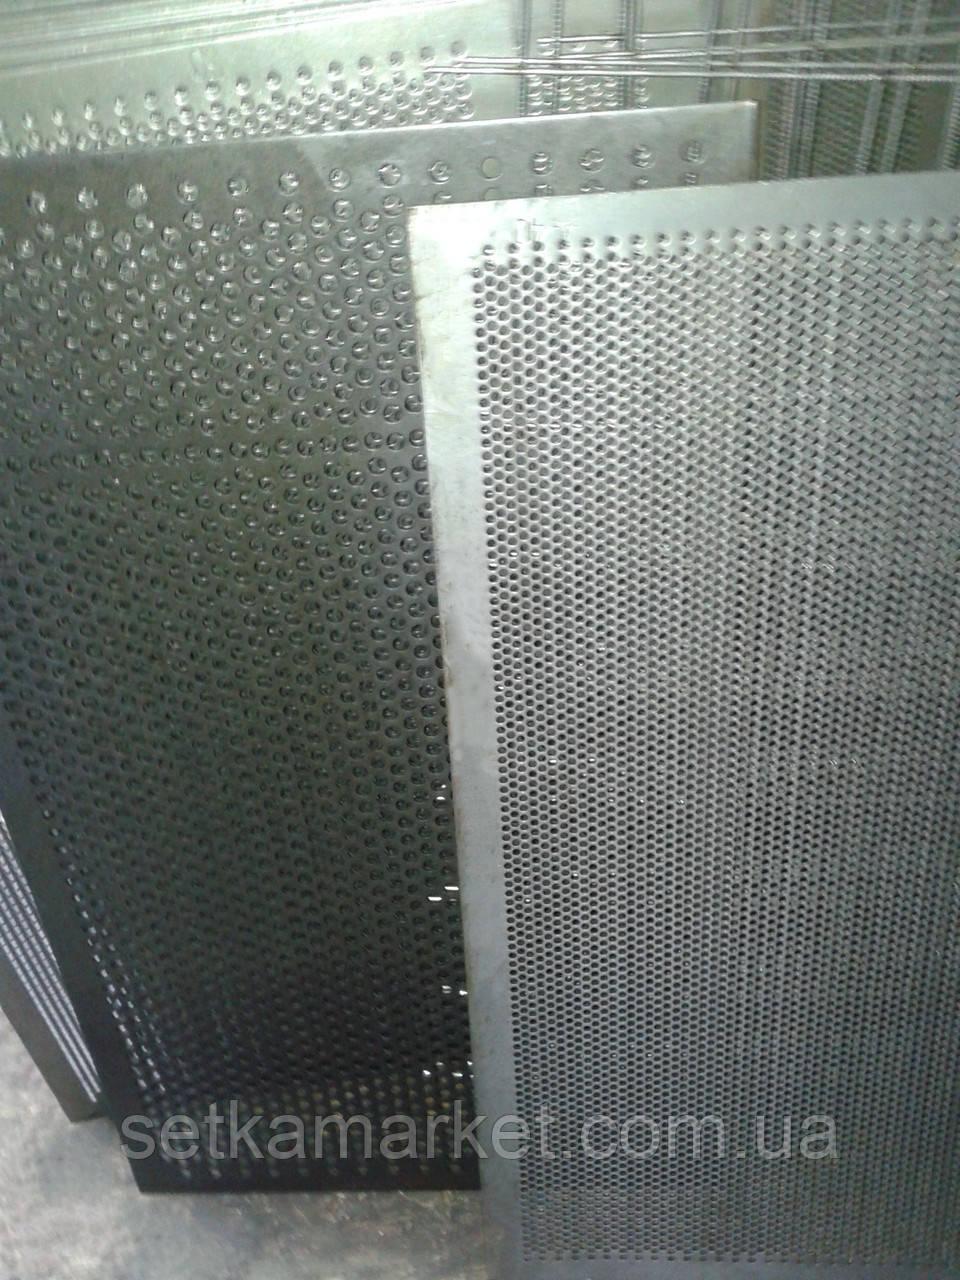 Решето ДДМ, комірка 5 мм, товщина 2 мм, лист 500 х 1574 мм.